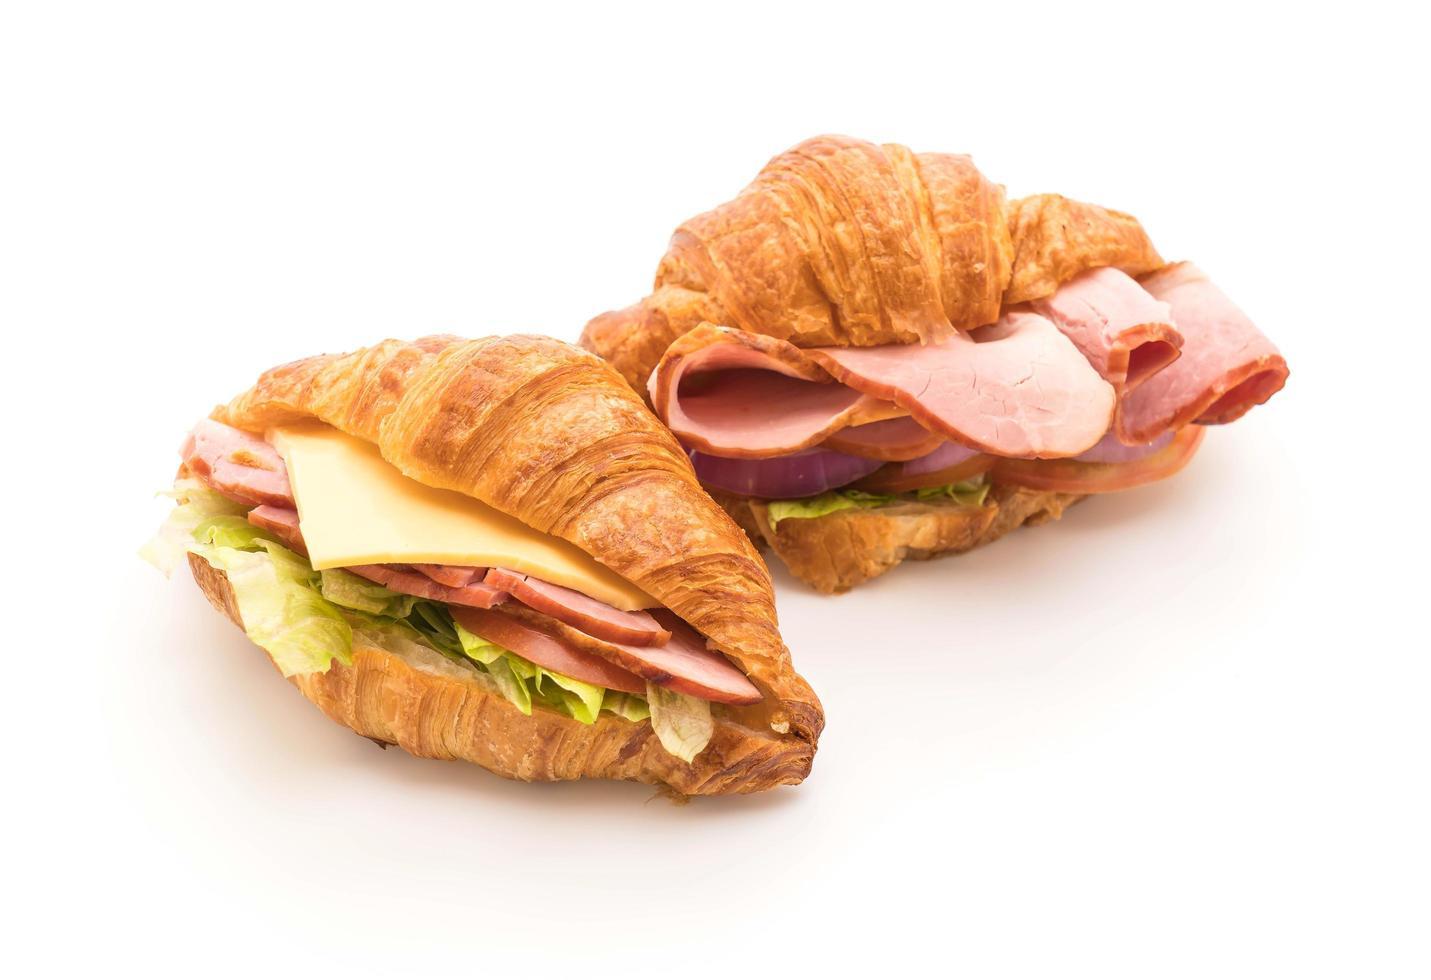 croissantham sandwiches op witte achtergrond foto